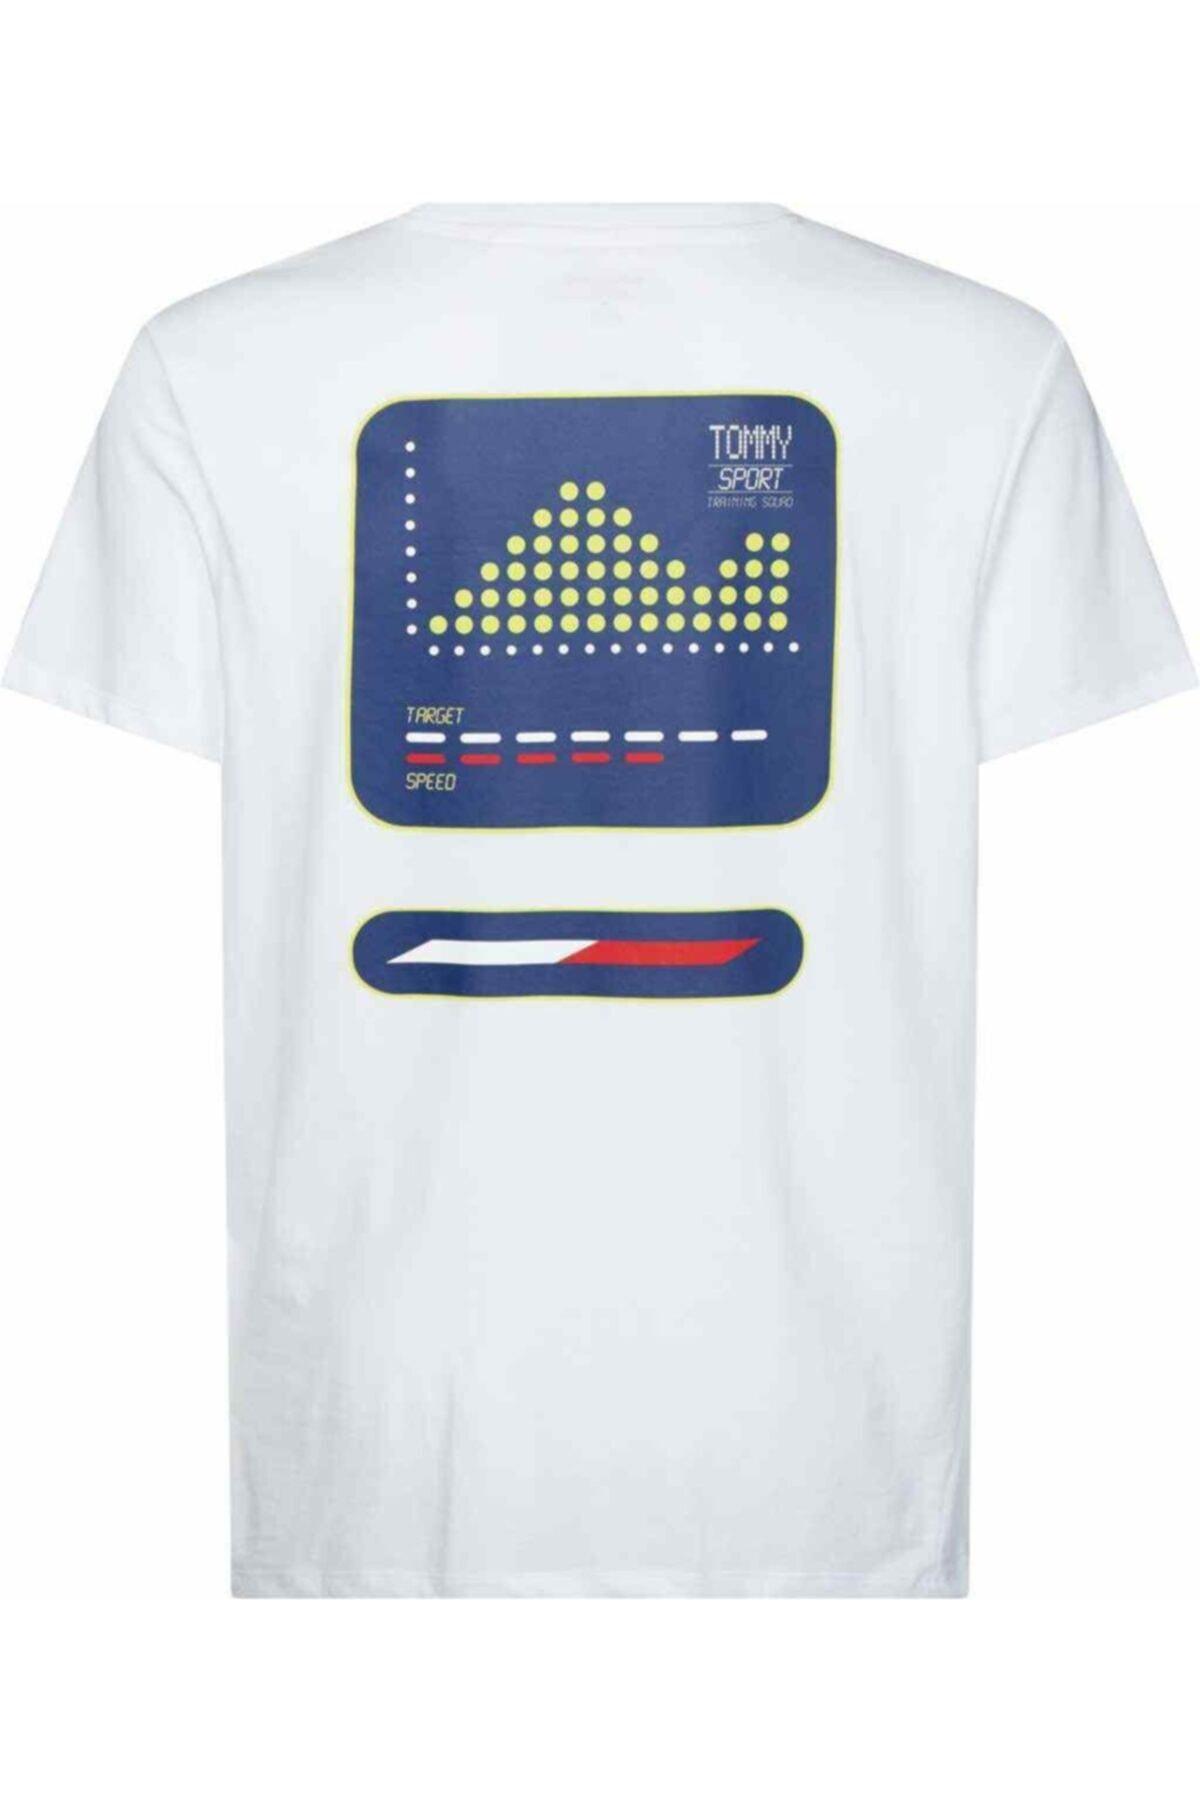 Tommy Hilfiger Erkek Th Baskılı T-shirt 1